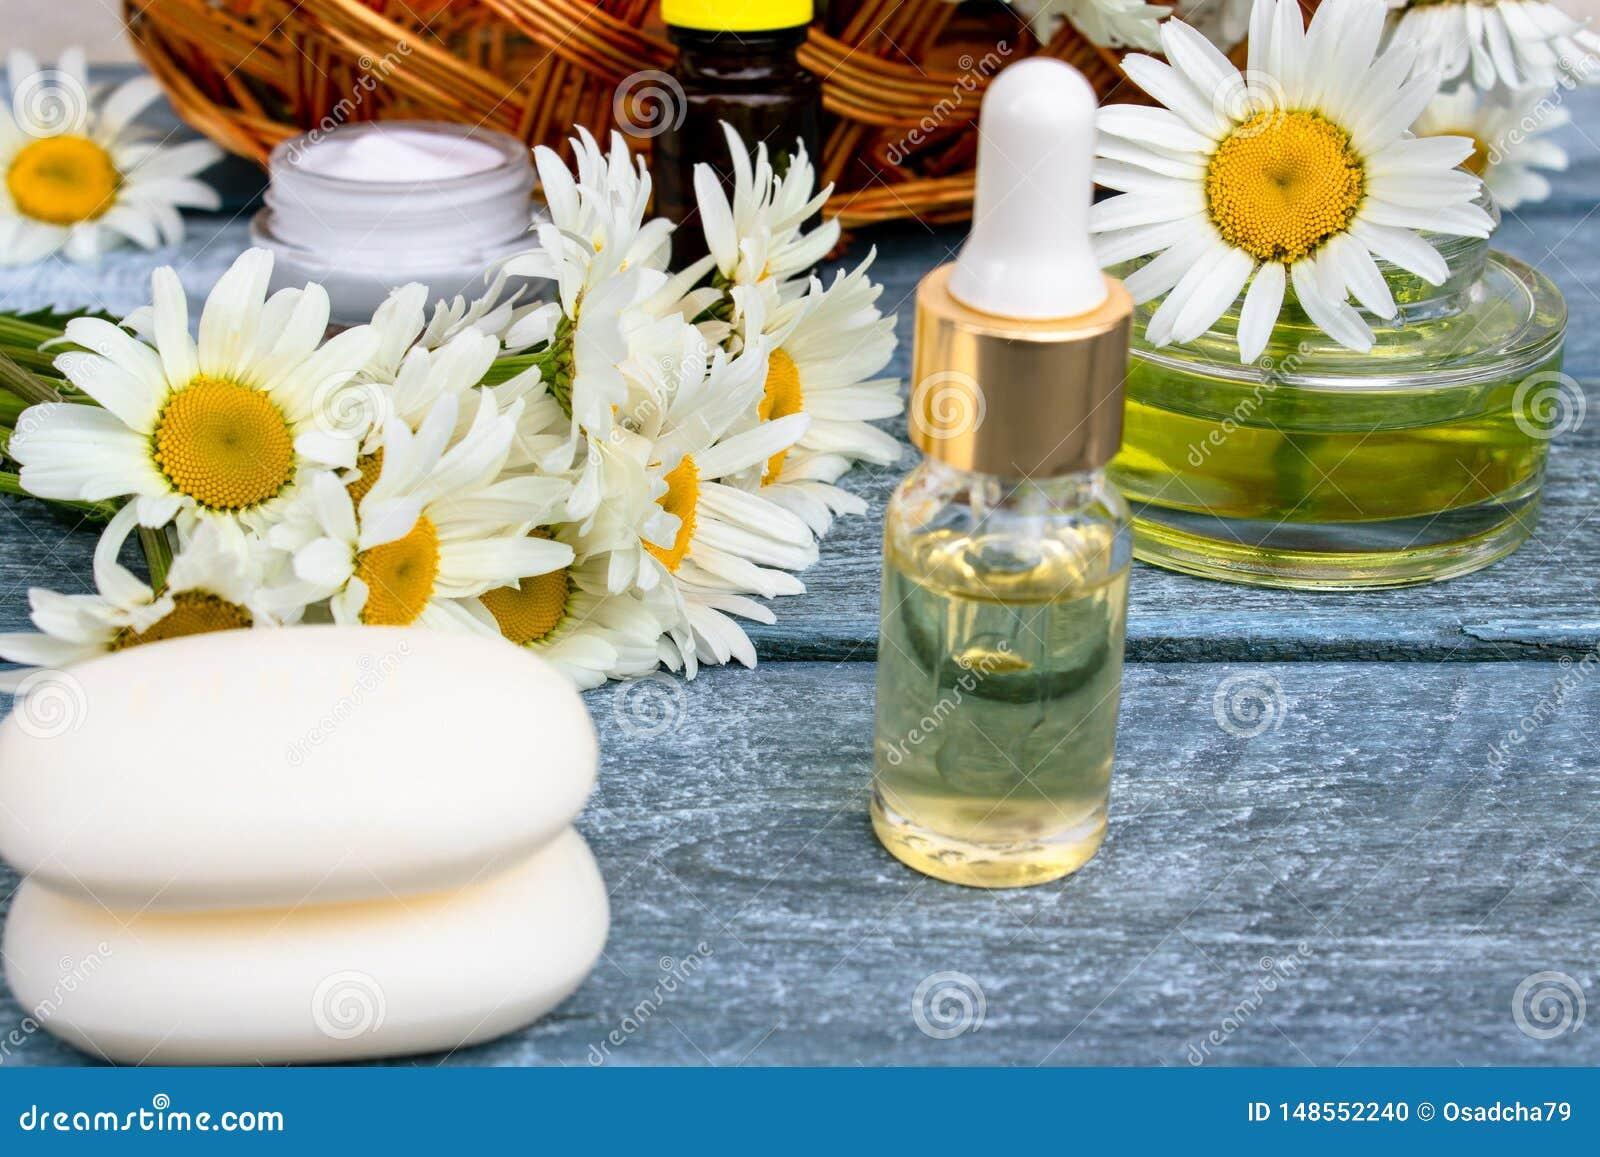 在一个玻璃瓶子的春黄菊精油在春黄菊和化妆肥皂旁边